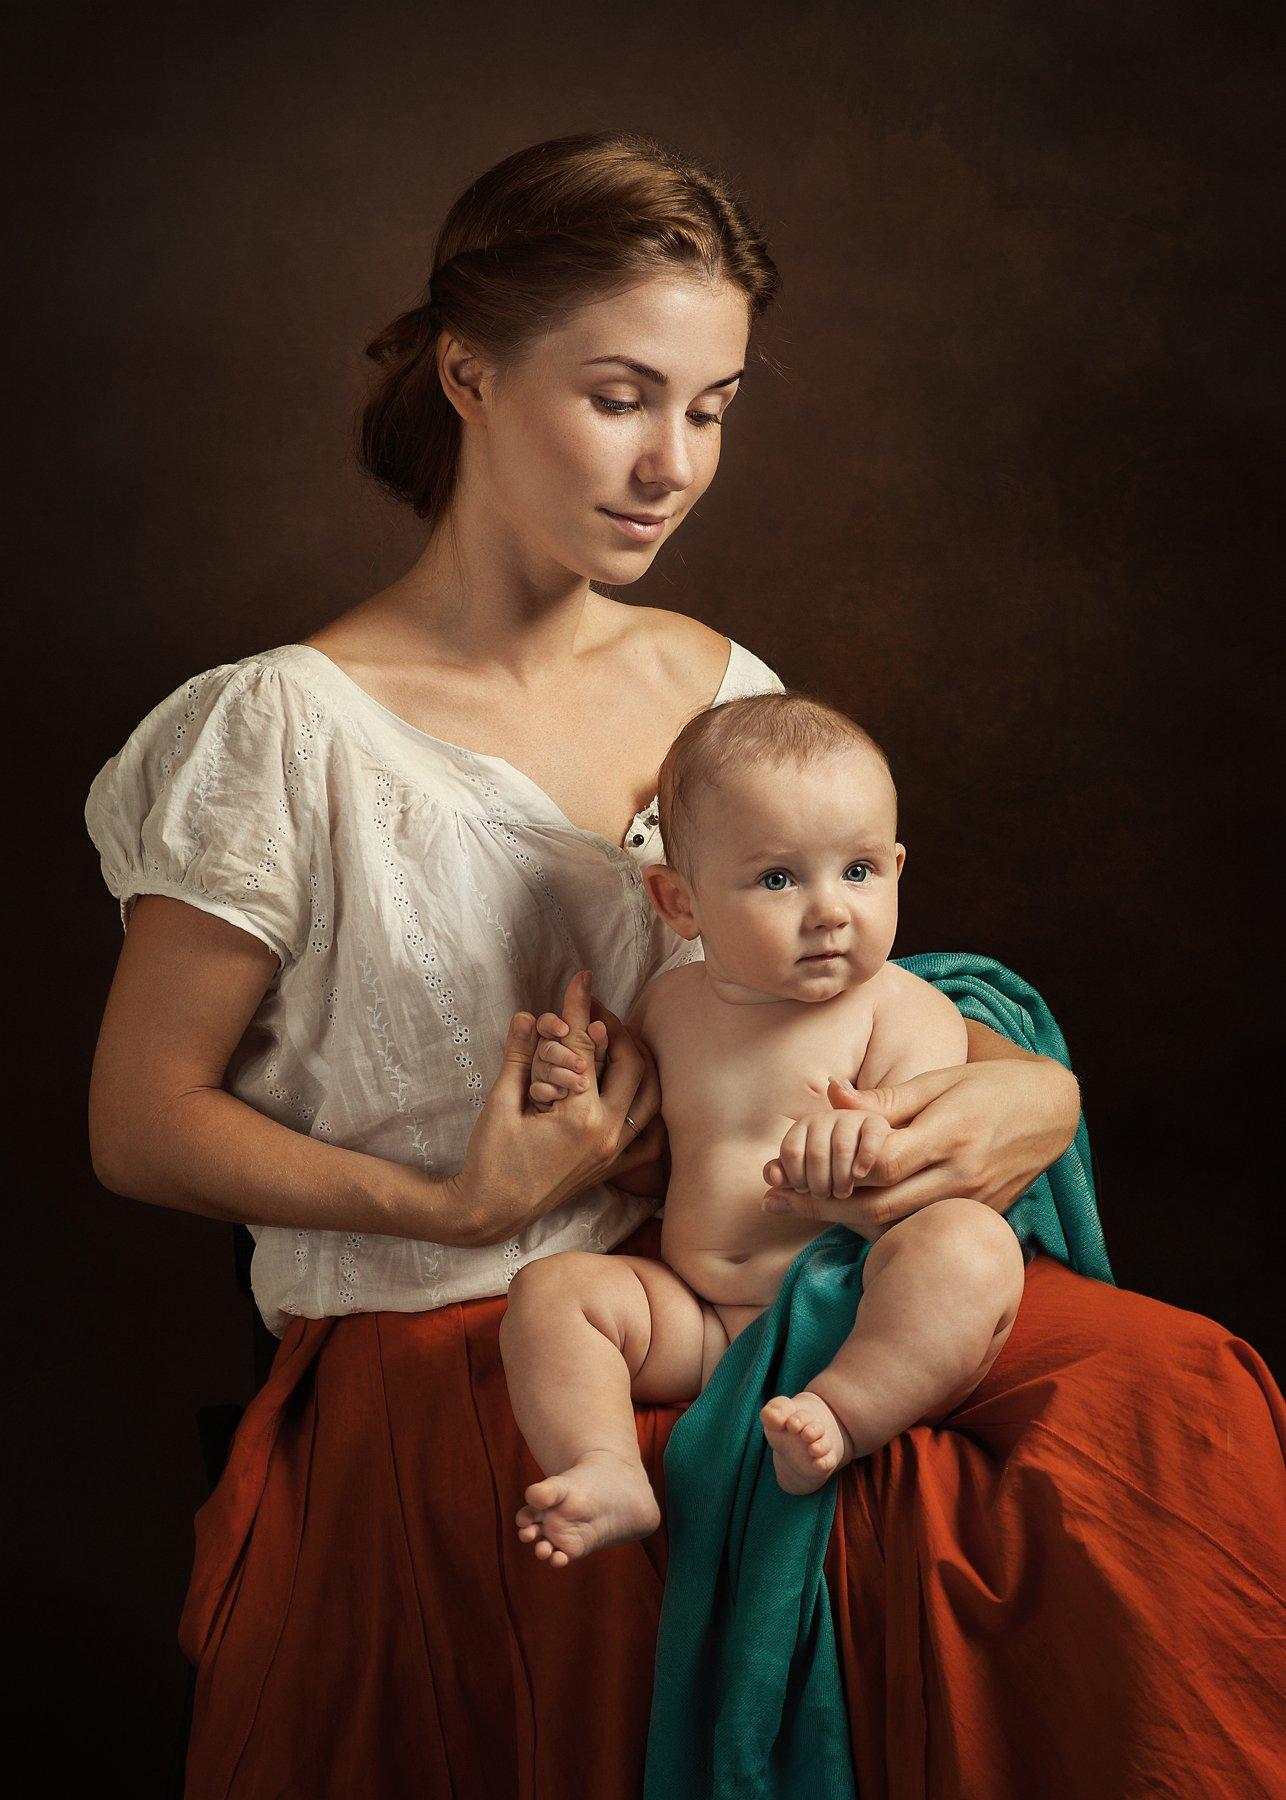 мать, младенец, ребёнок, женщина, картина, классический портрет, студия, рембрандт, свет, малыш, красное платье,, Любомил Владимирович